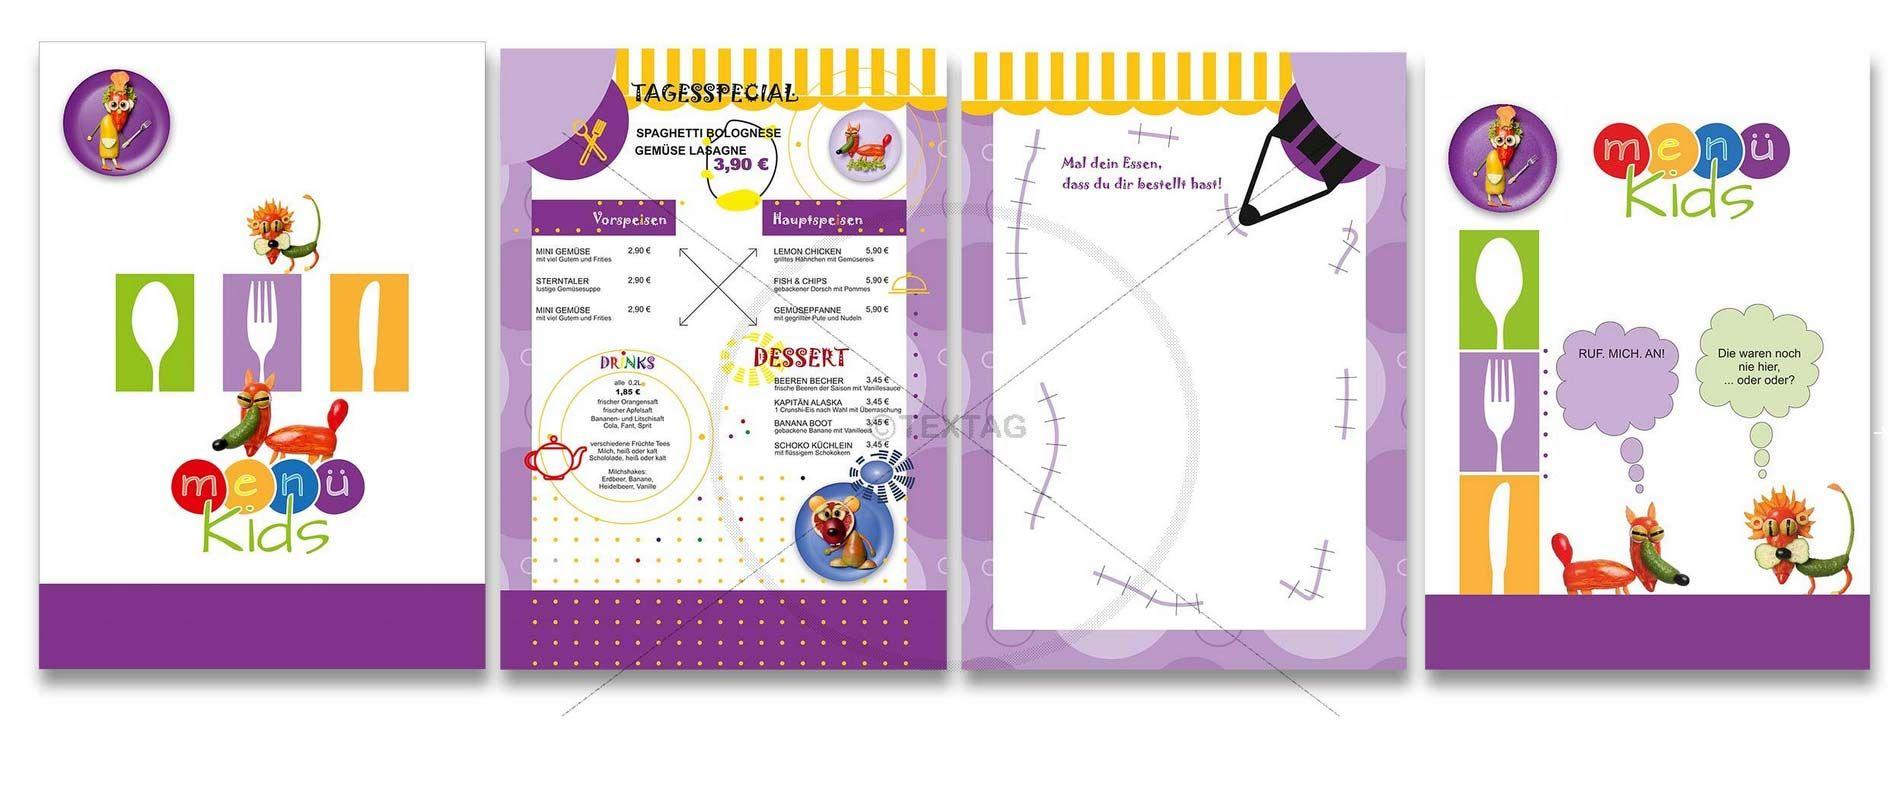 Kinderspeisekarte Vorlage Mit Text 4 Seitig Din A4 Hochformat 0117 Speisekarten Design Getranke Karte Vorlagen